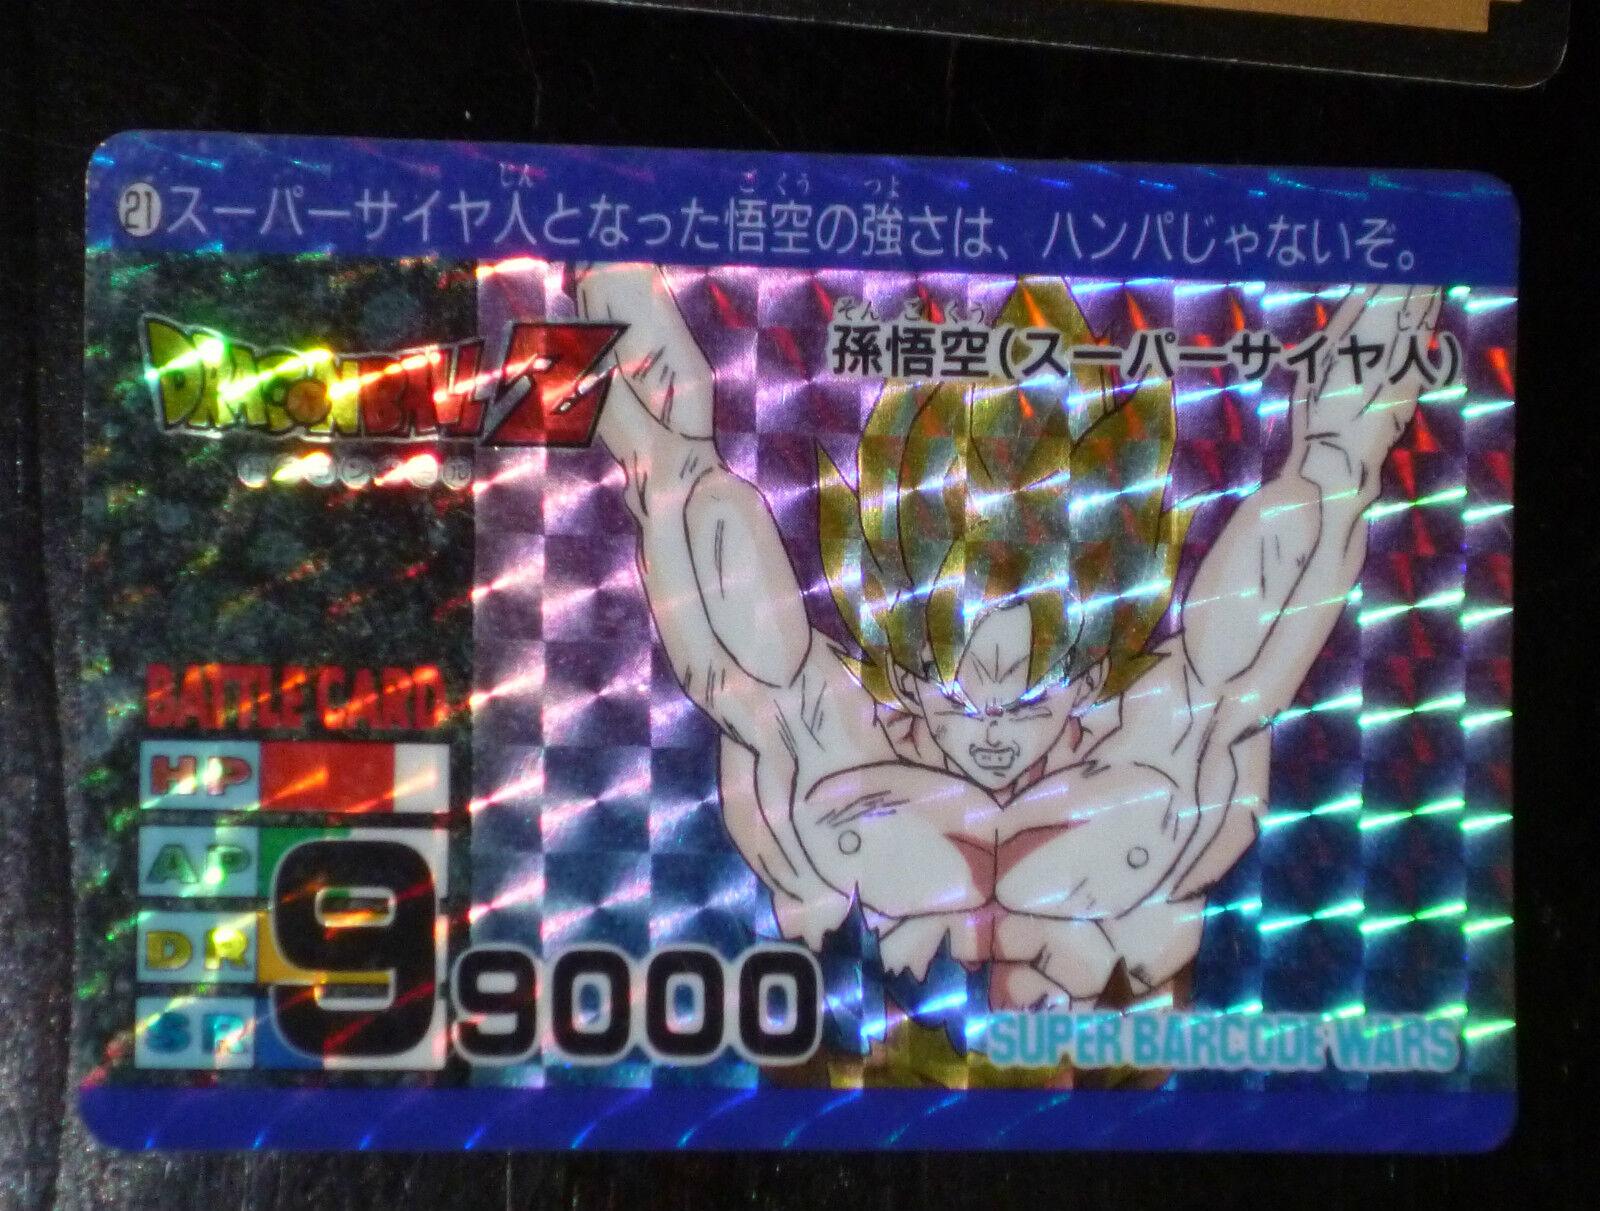 Dragon ball z gt dbz hervorruft, super - kriege - karte carddass pp prisma carte 21 japan ur